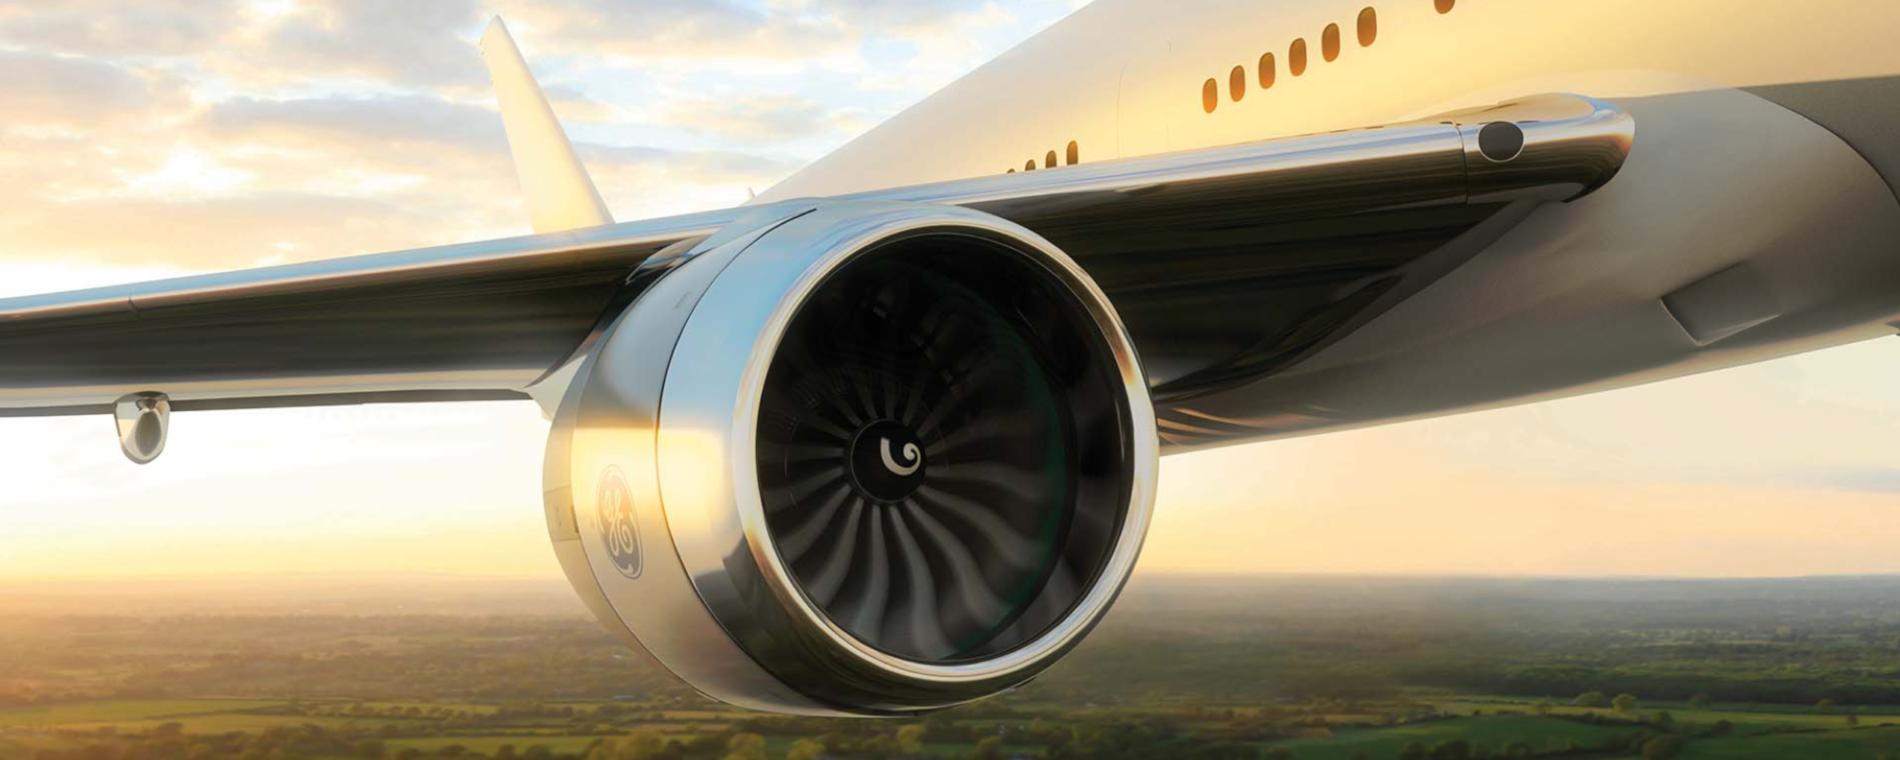 Luftfahrt-Banner